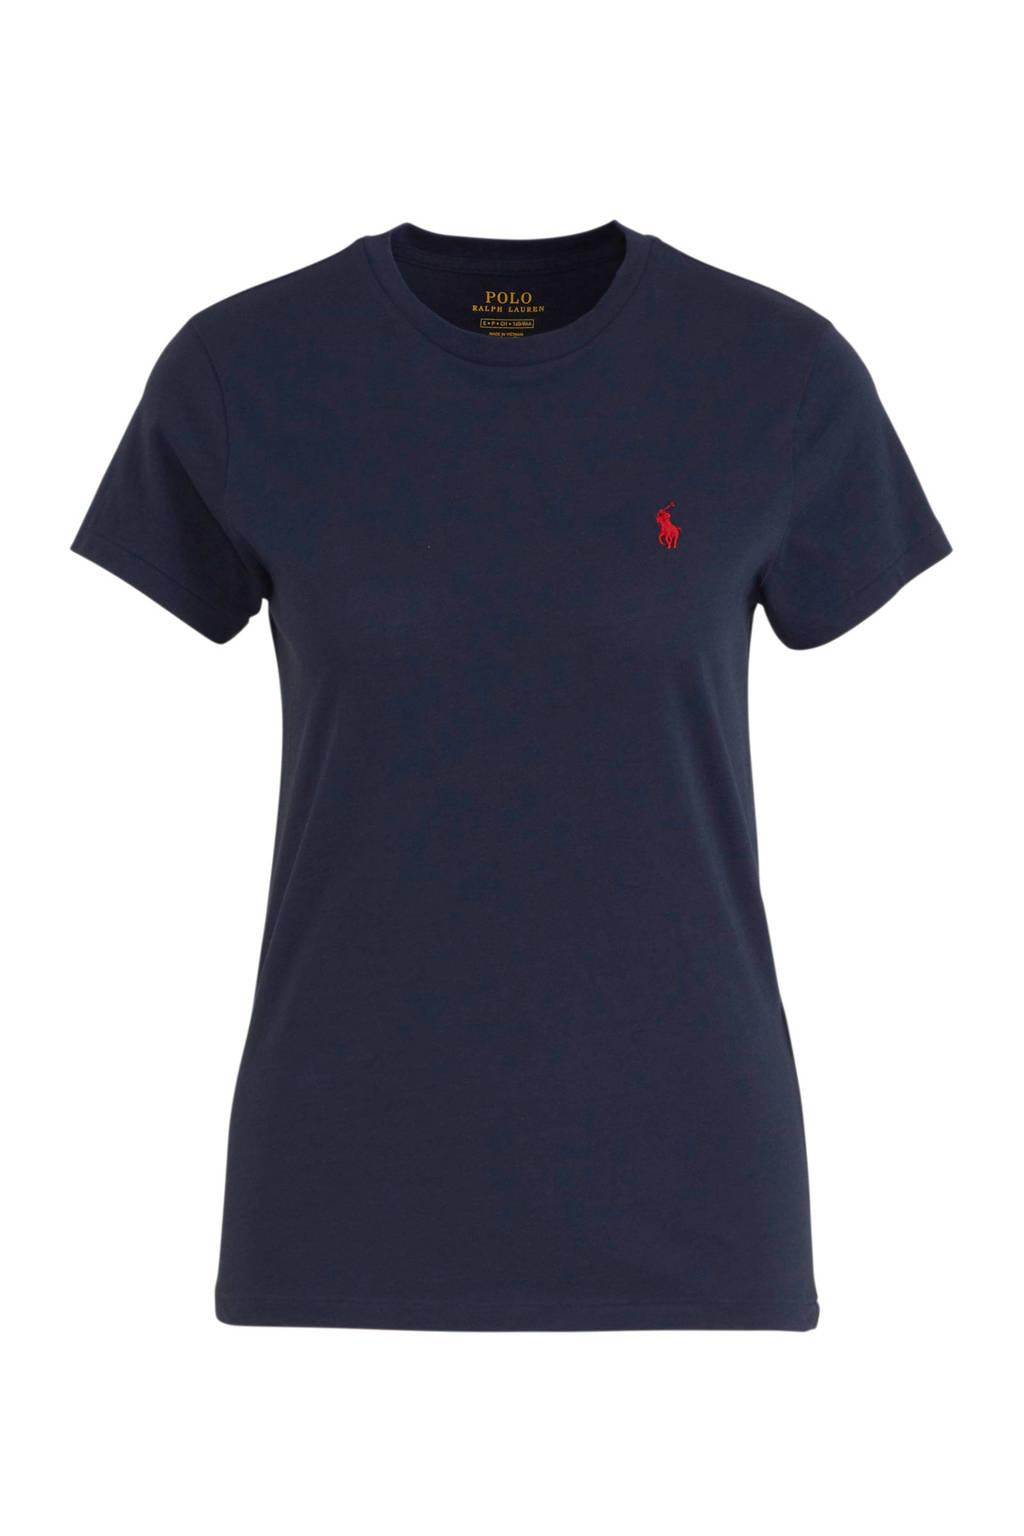 POLO Ralph Lauren T-shirt marine, Marine